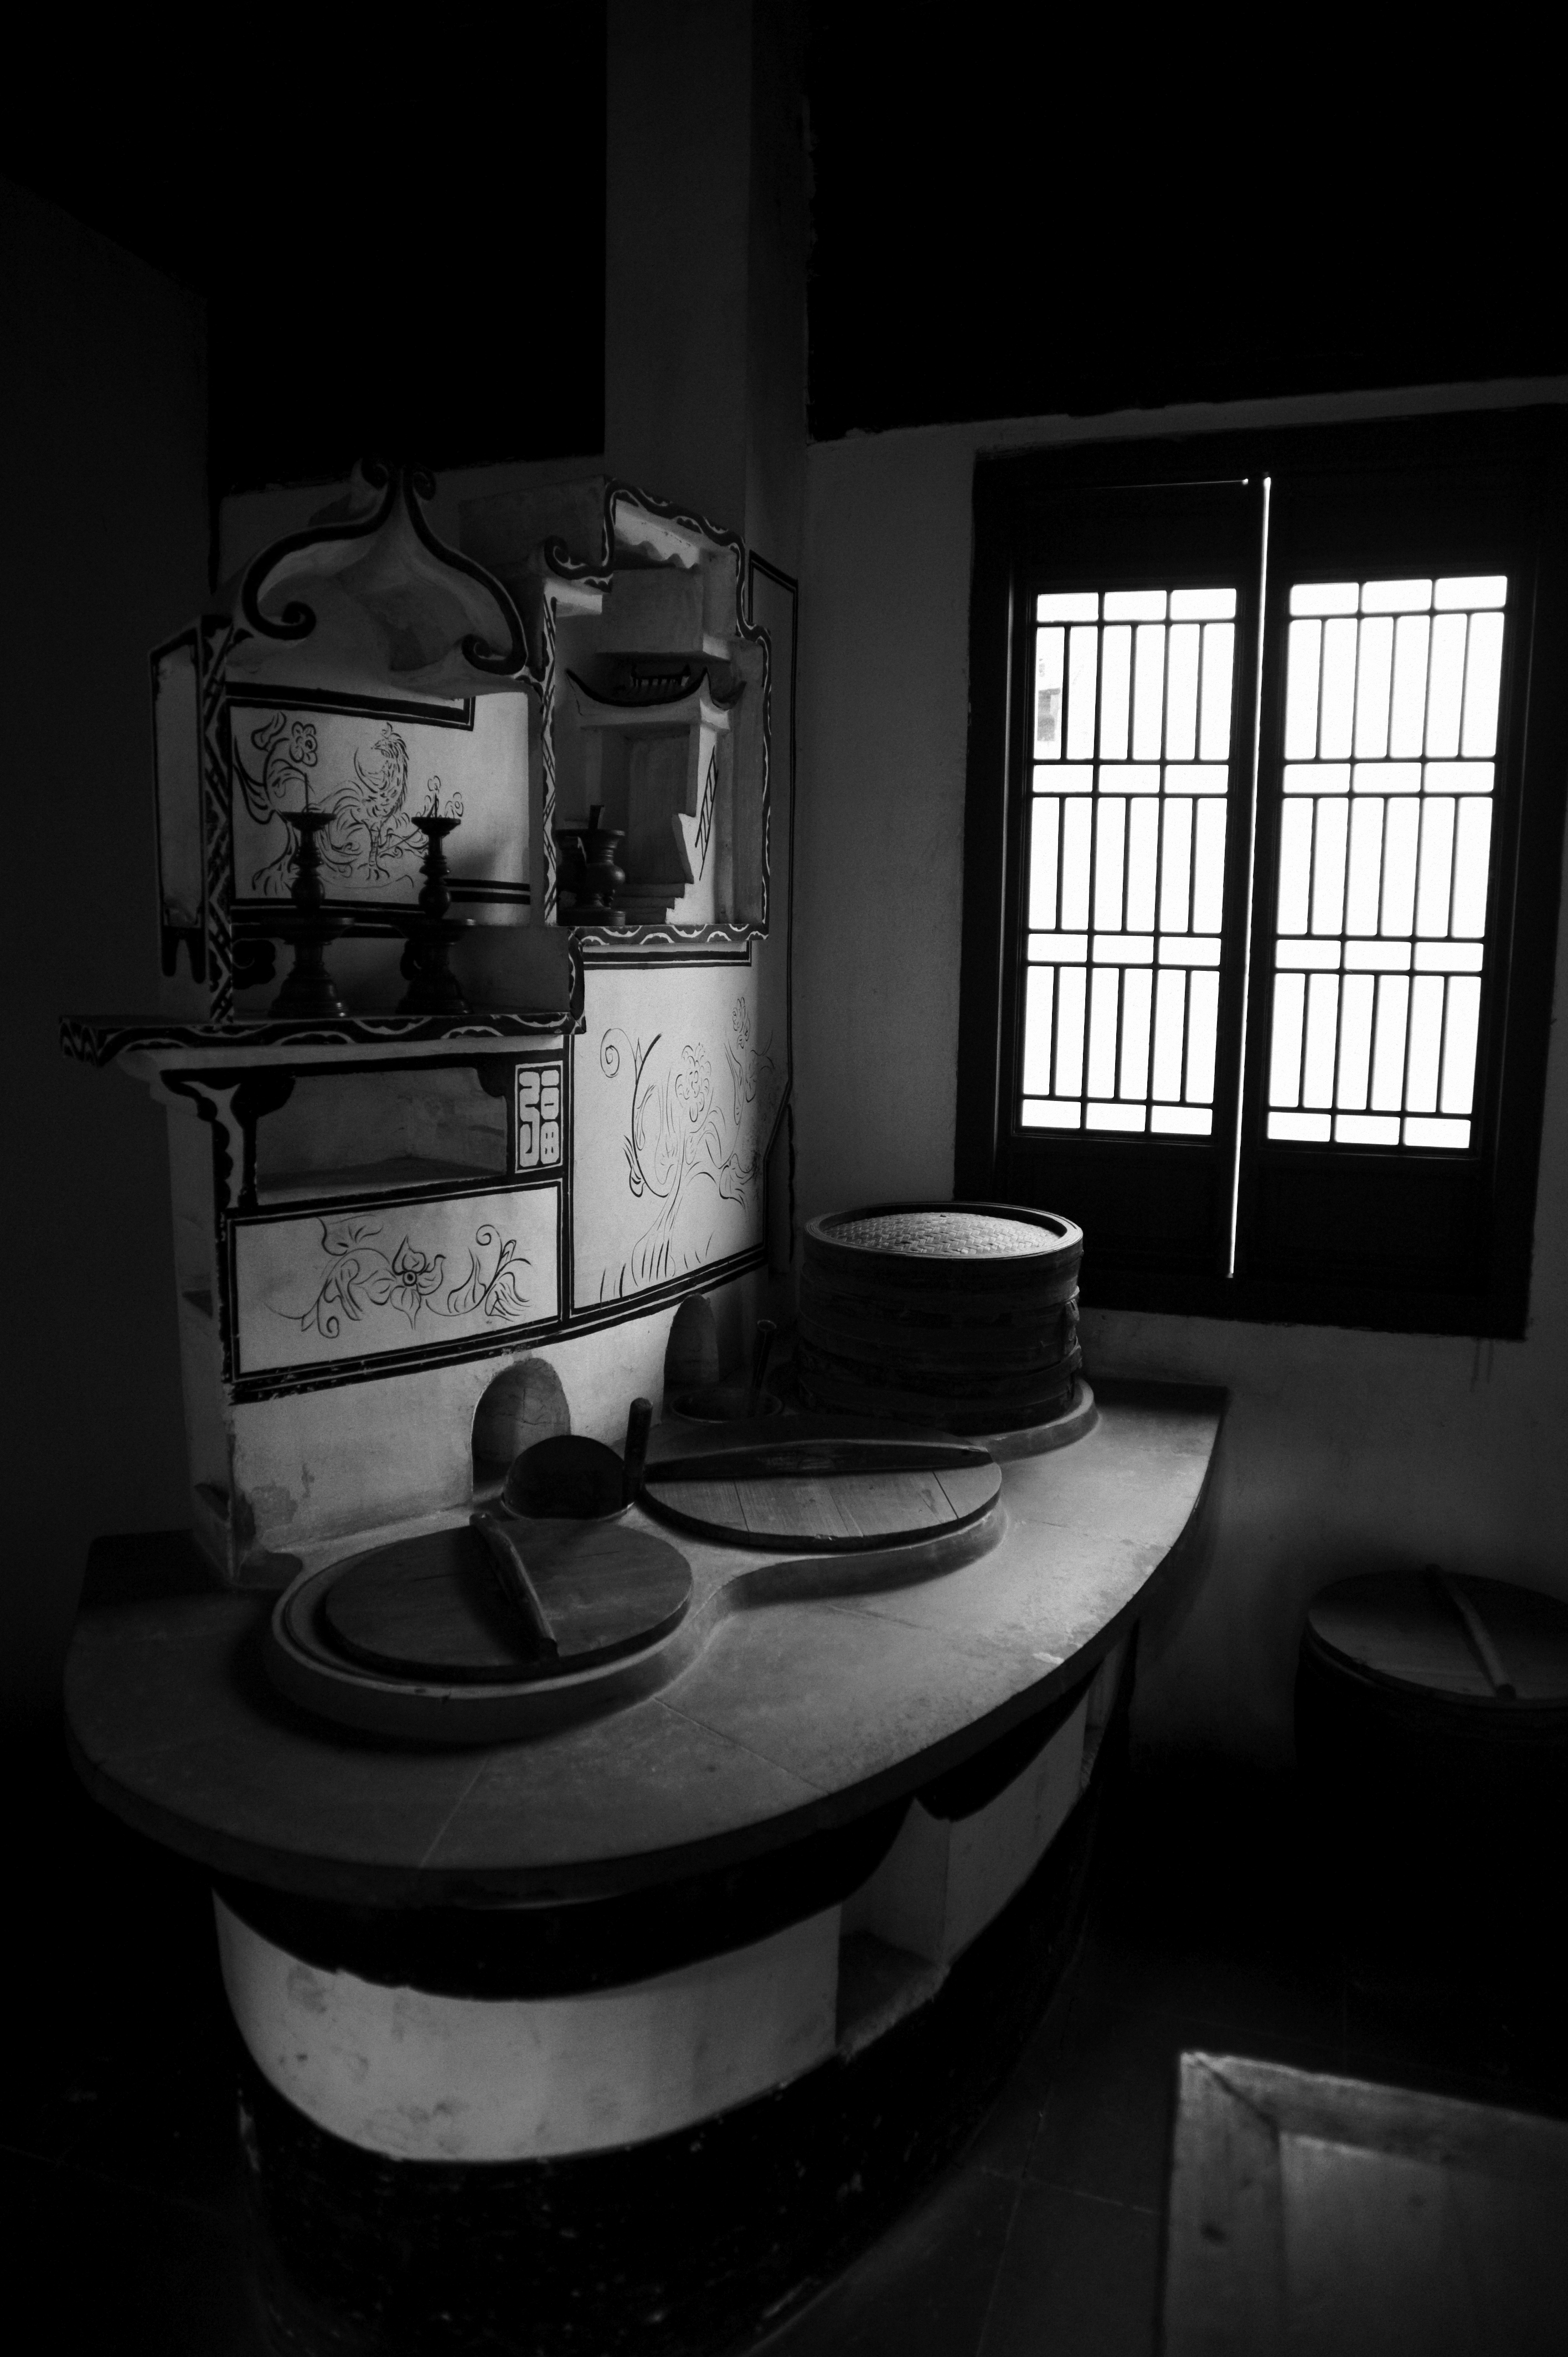 Old Kitchen Filechinese Old Kitchenjpg Wikimedia Commons